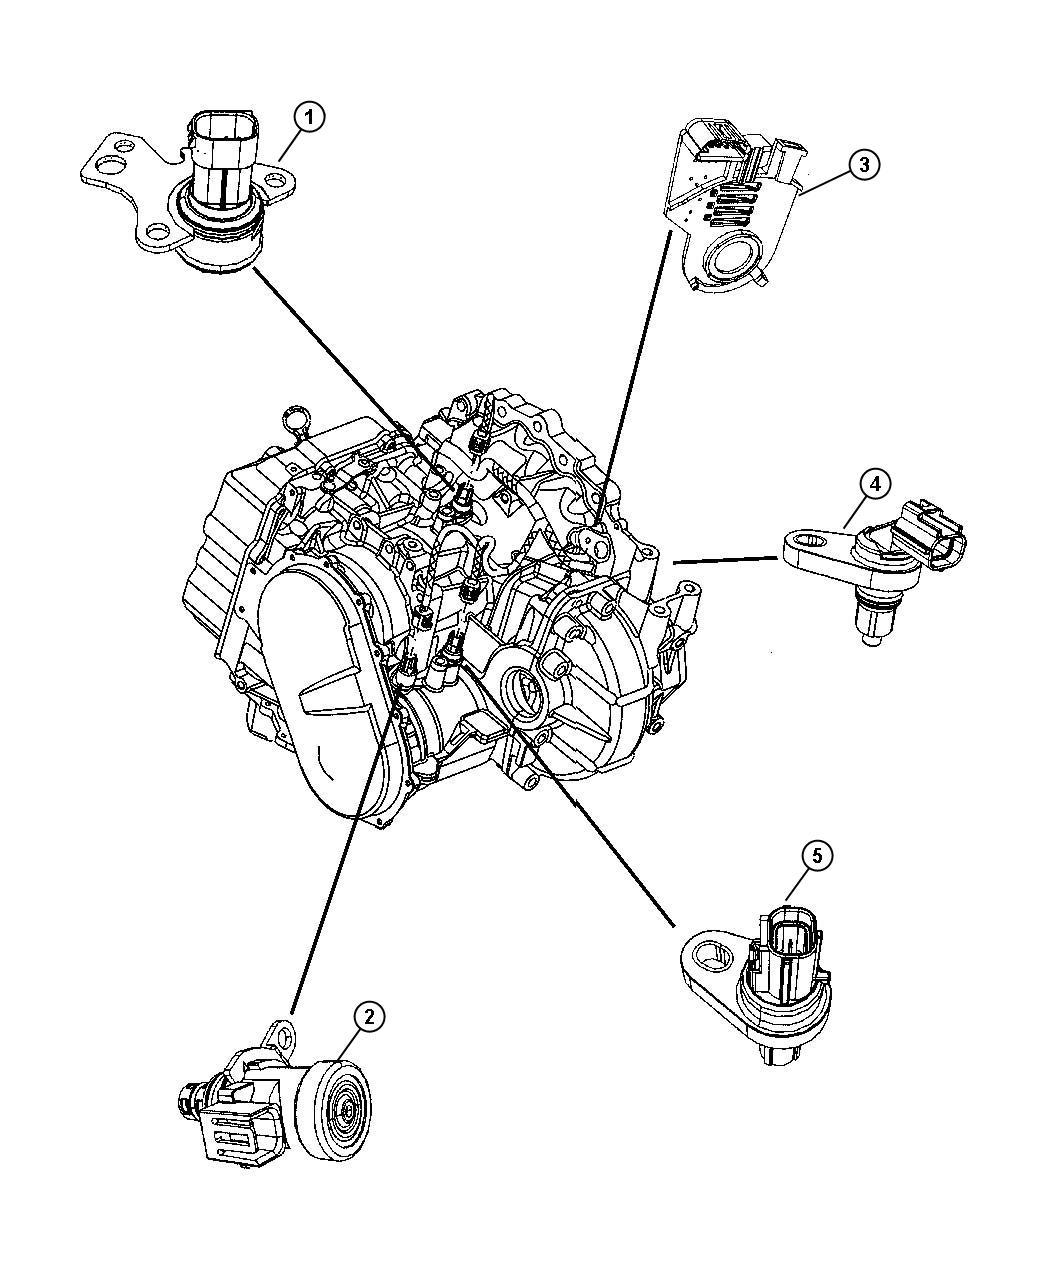 Deutz Valeo Alternator Wiring Diagram